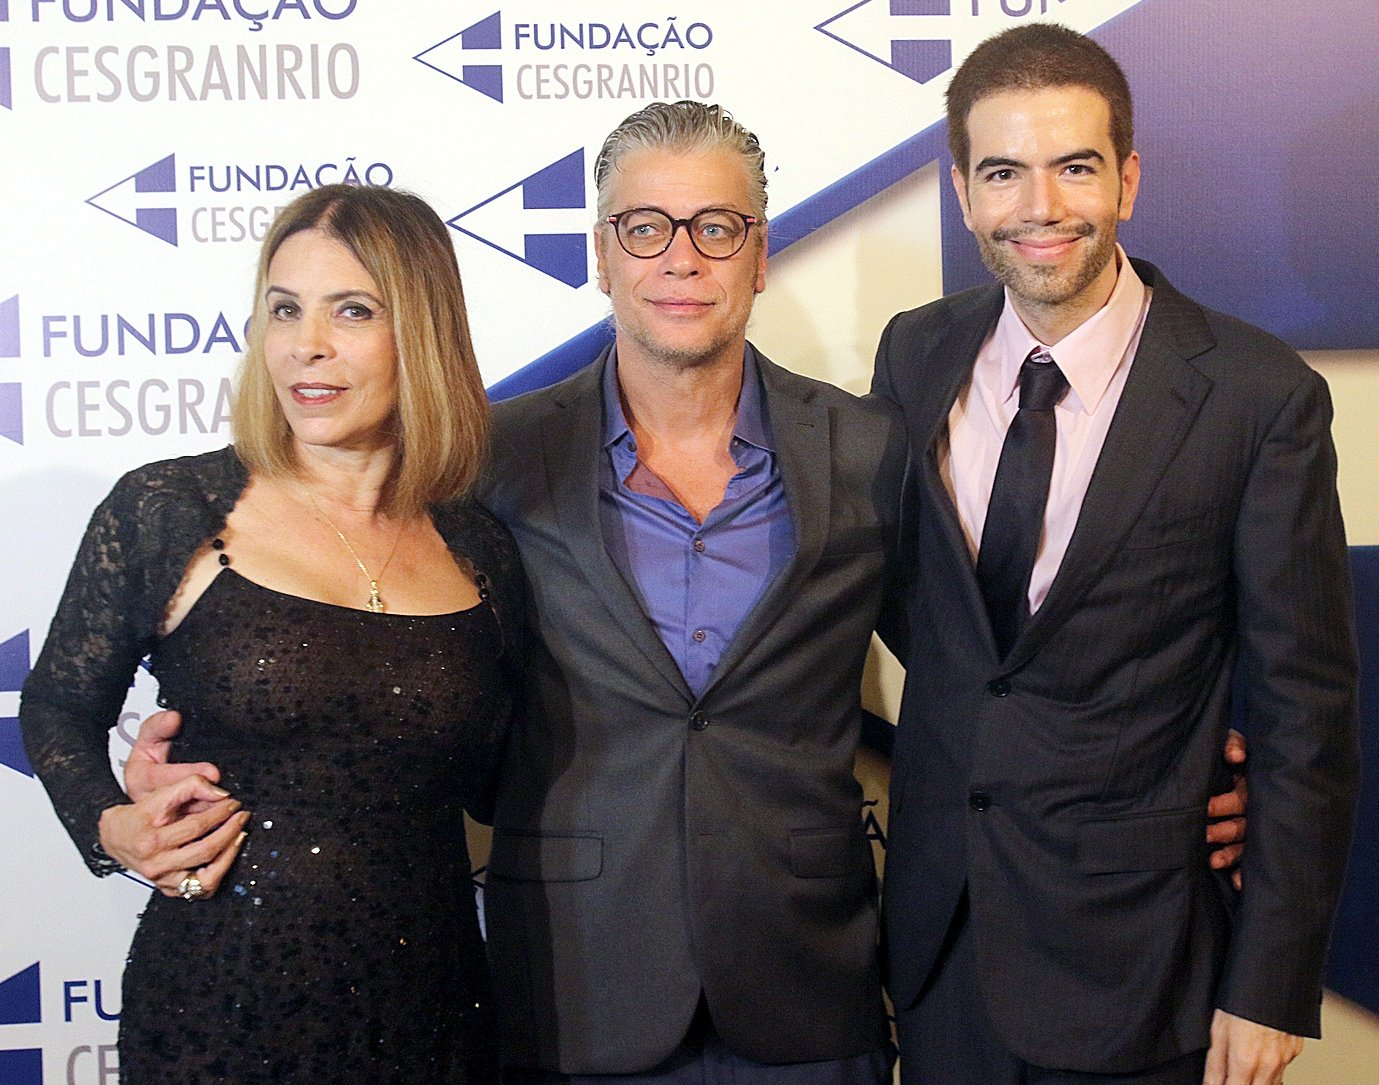 O casal Liège Monteiro e Luiz Fernando Coutinho com o ator Fábio Assunção /Foto: Eny Miranda